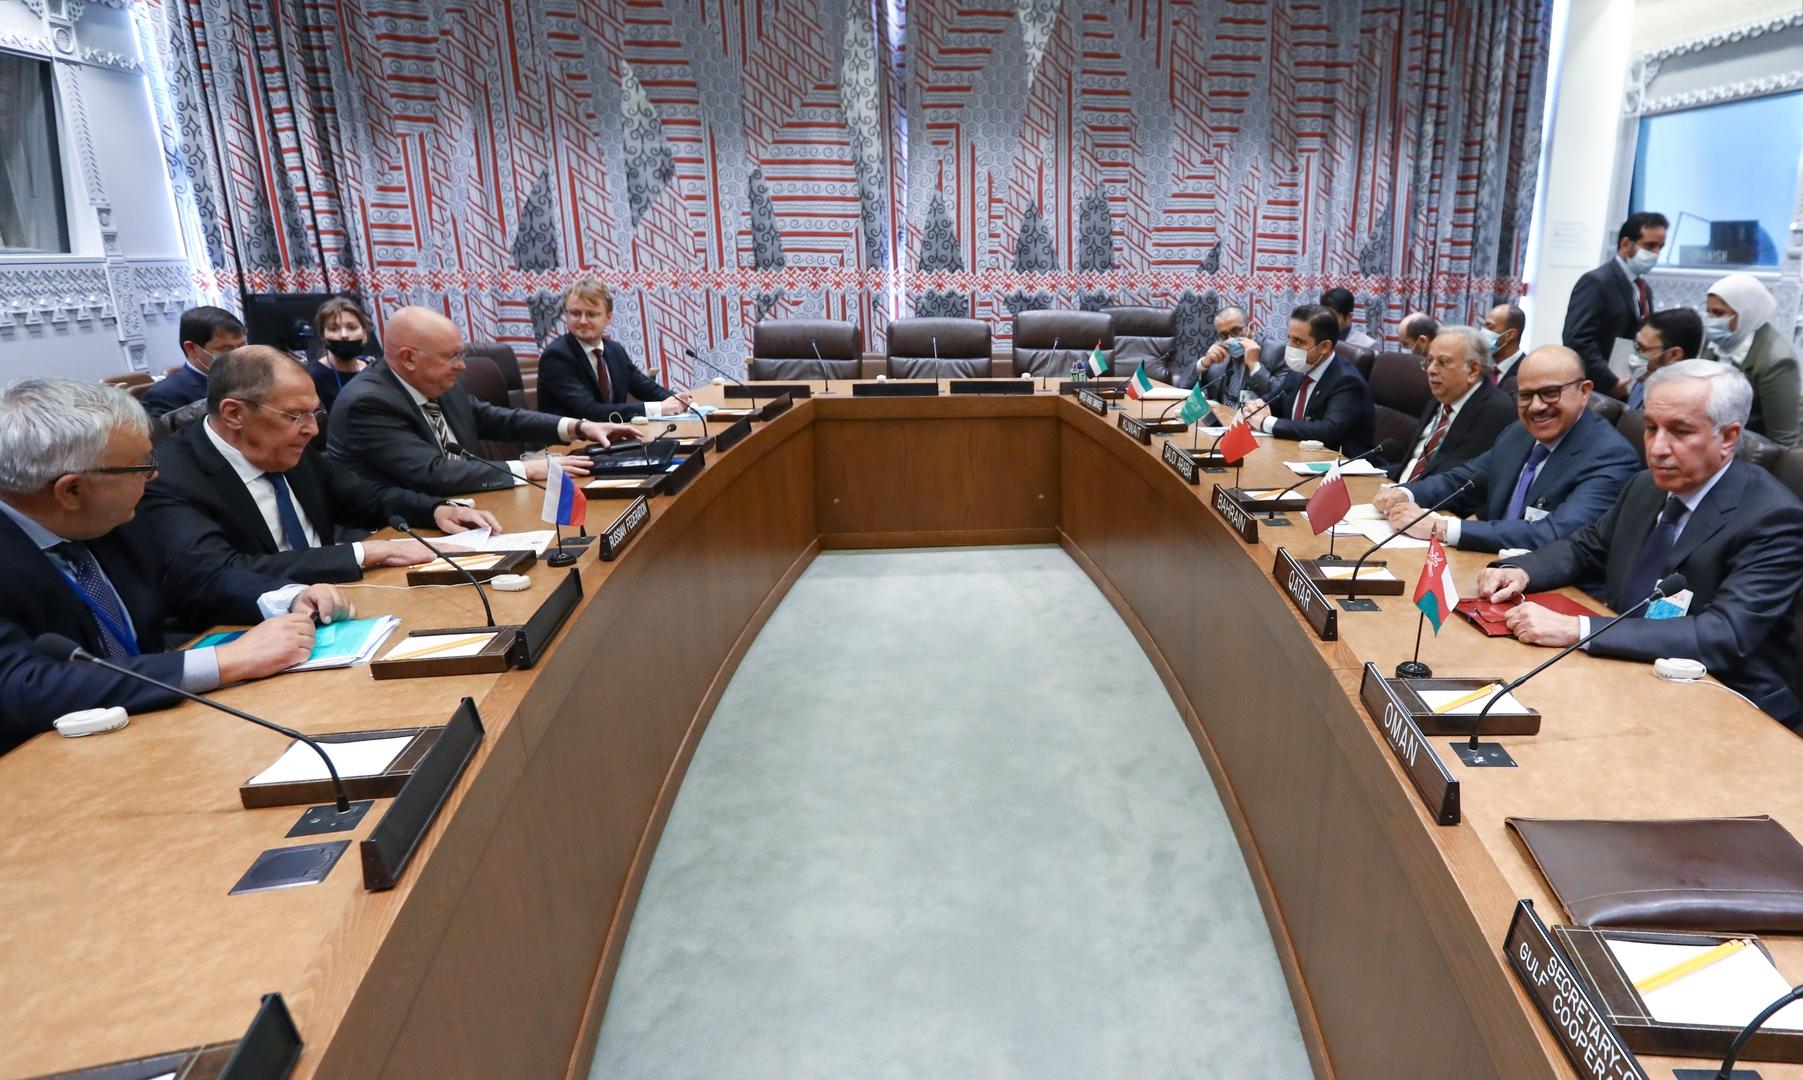 لافروف يبحث المبادرة الروسية لأمن منطقة الخليج مع مجلس التعاون الخليجي